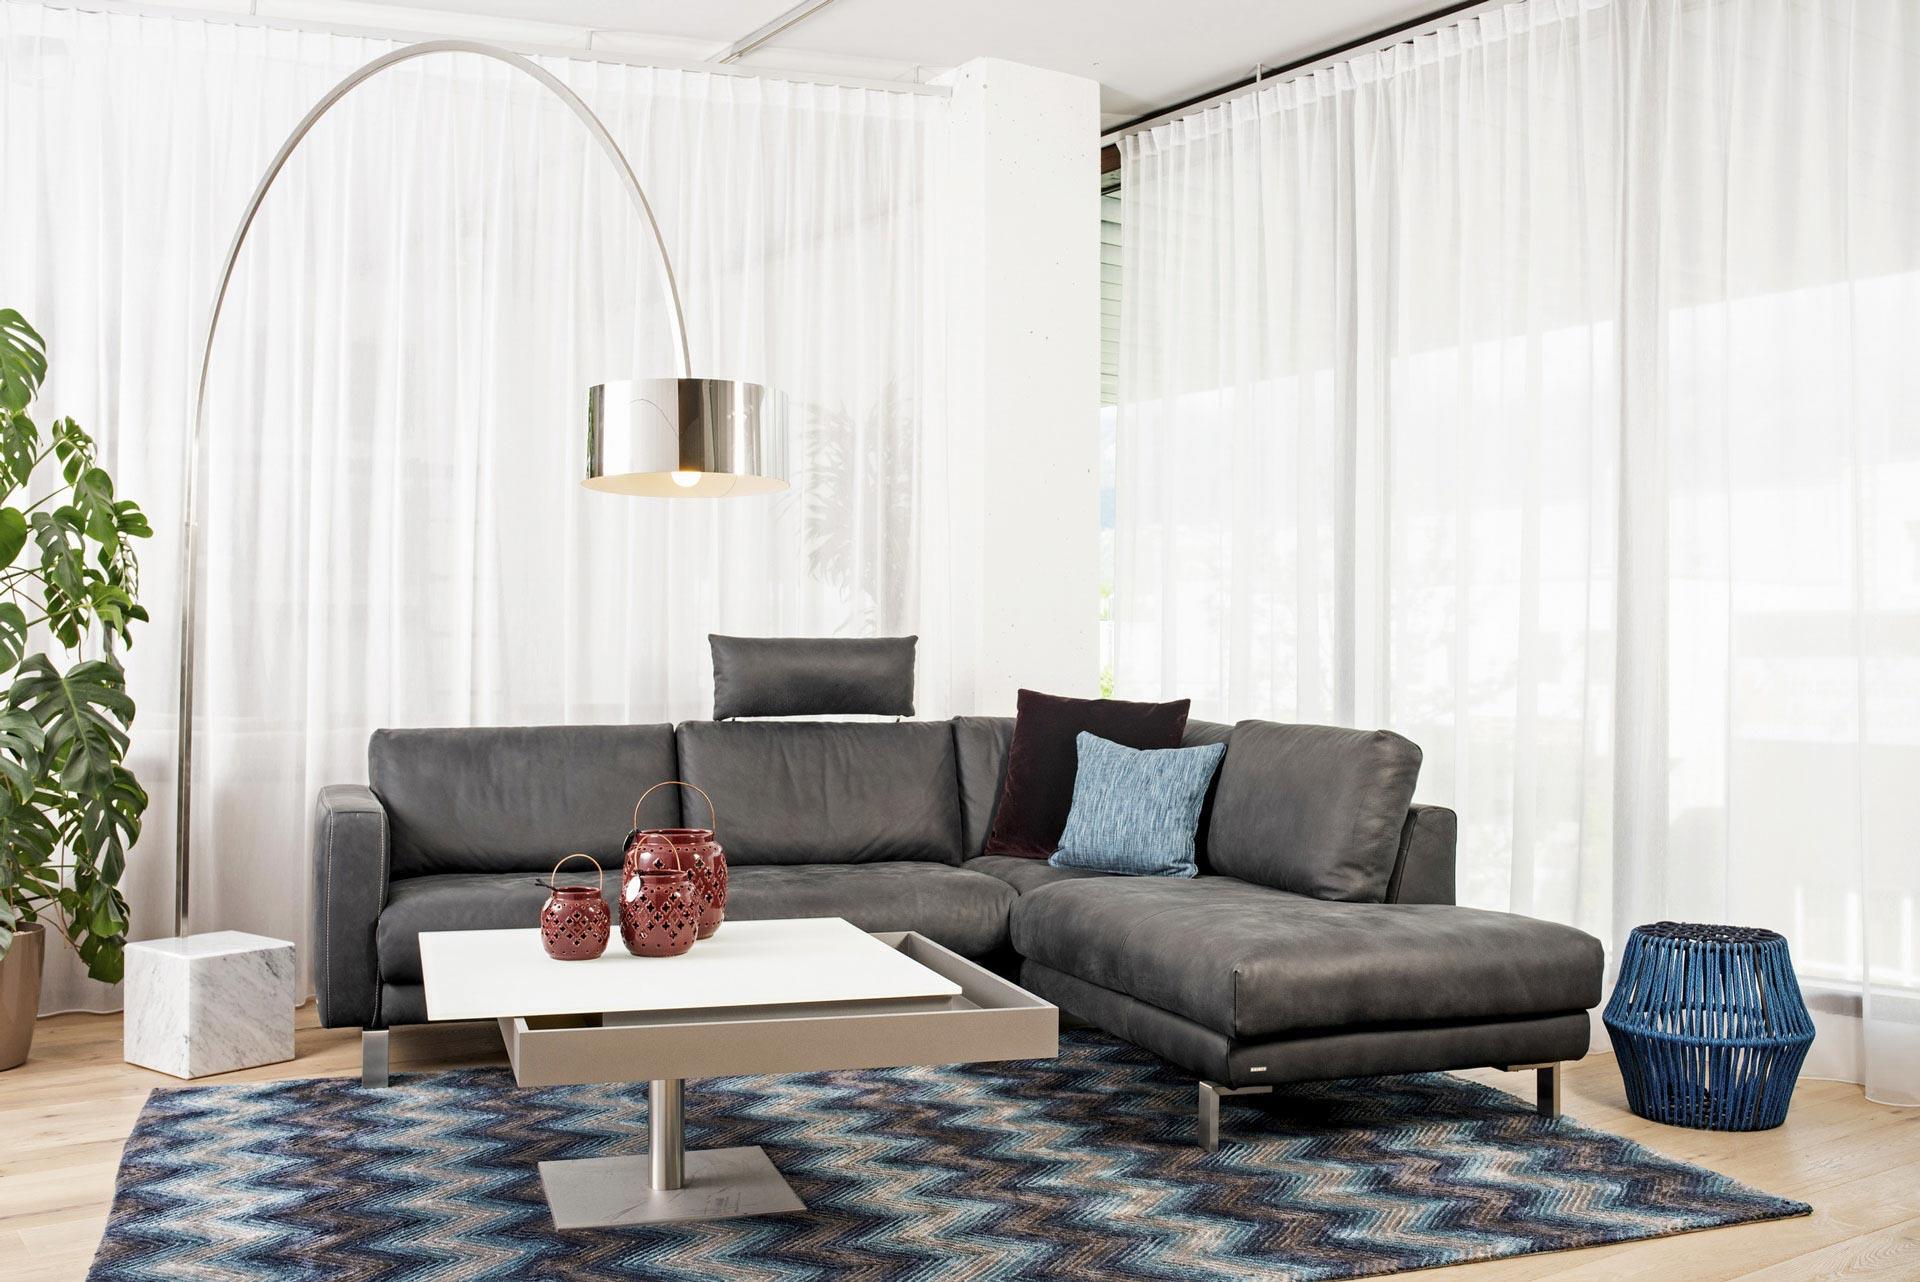 couchzone - Interior Design Innsbruck - Ledercouch